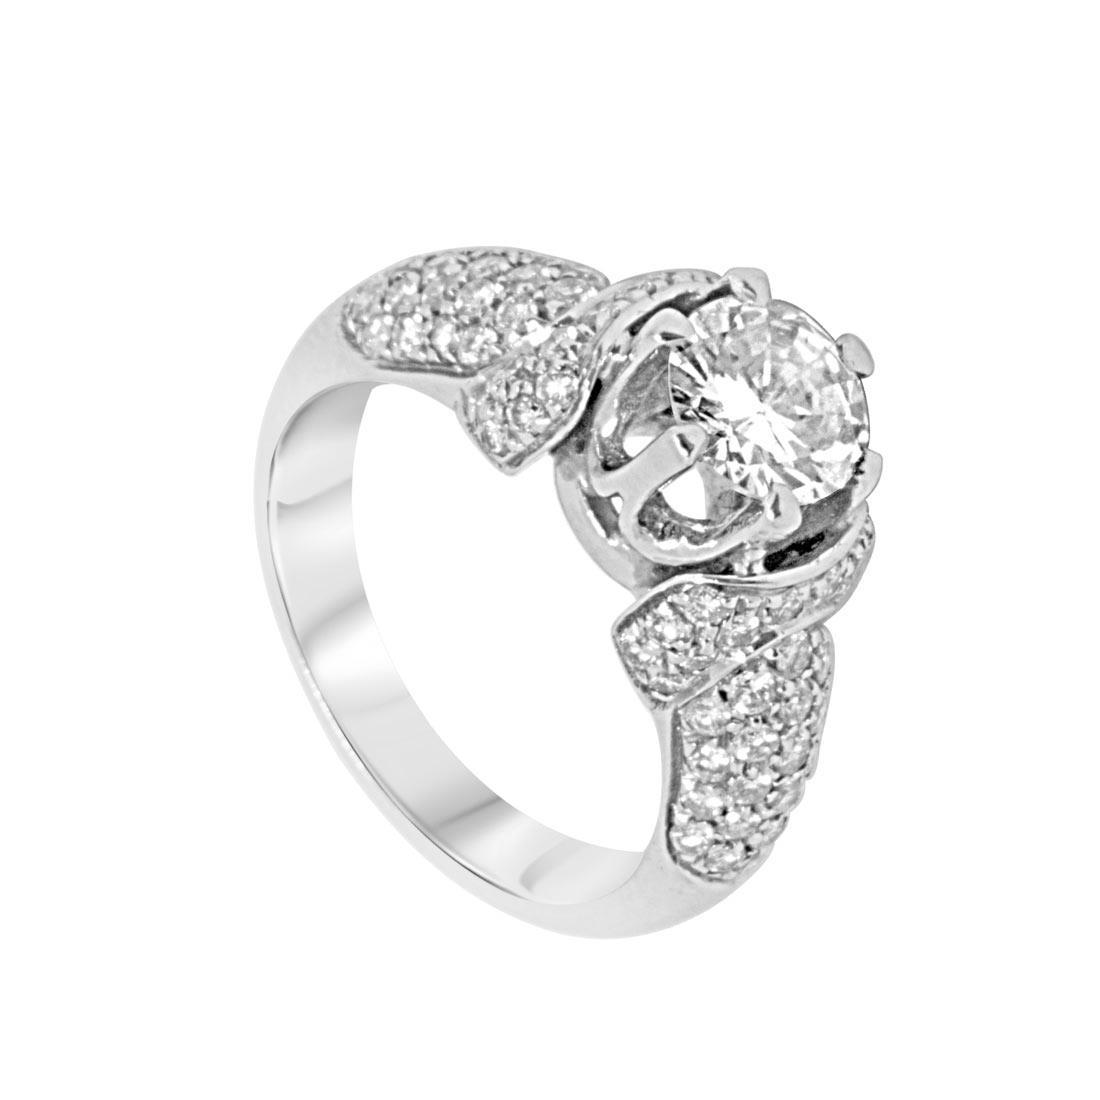 Anello Oro & Co in oro bianco con diamanti 1.85 ct, misura 14 - ORO&CO